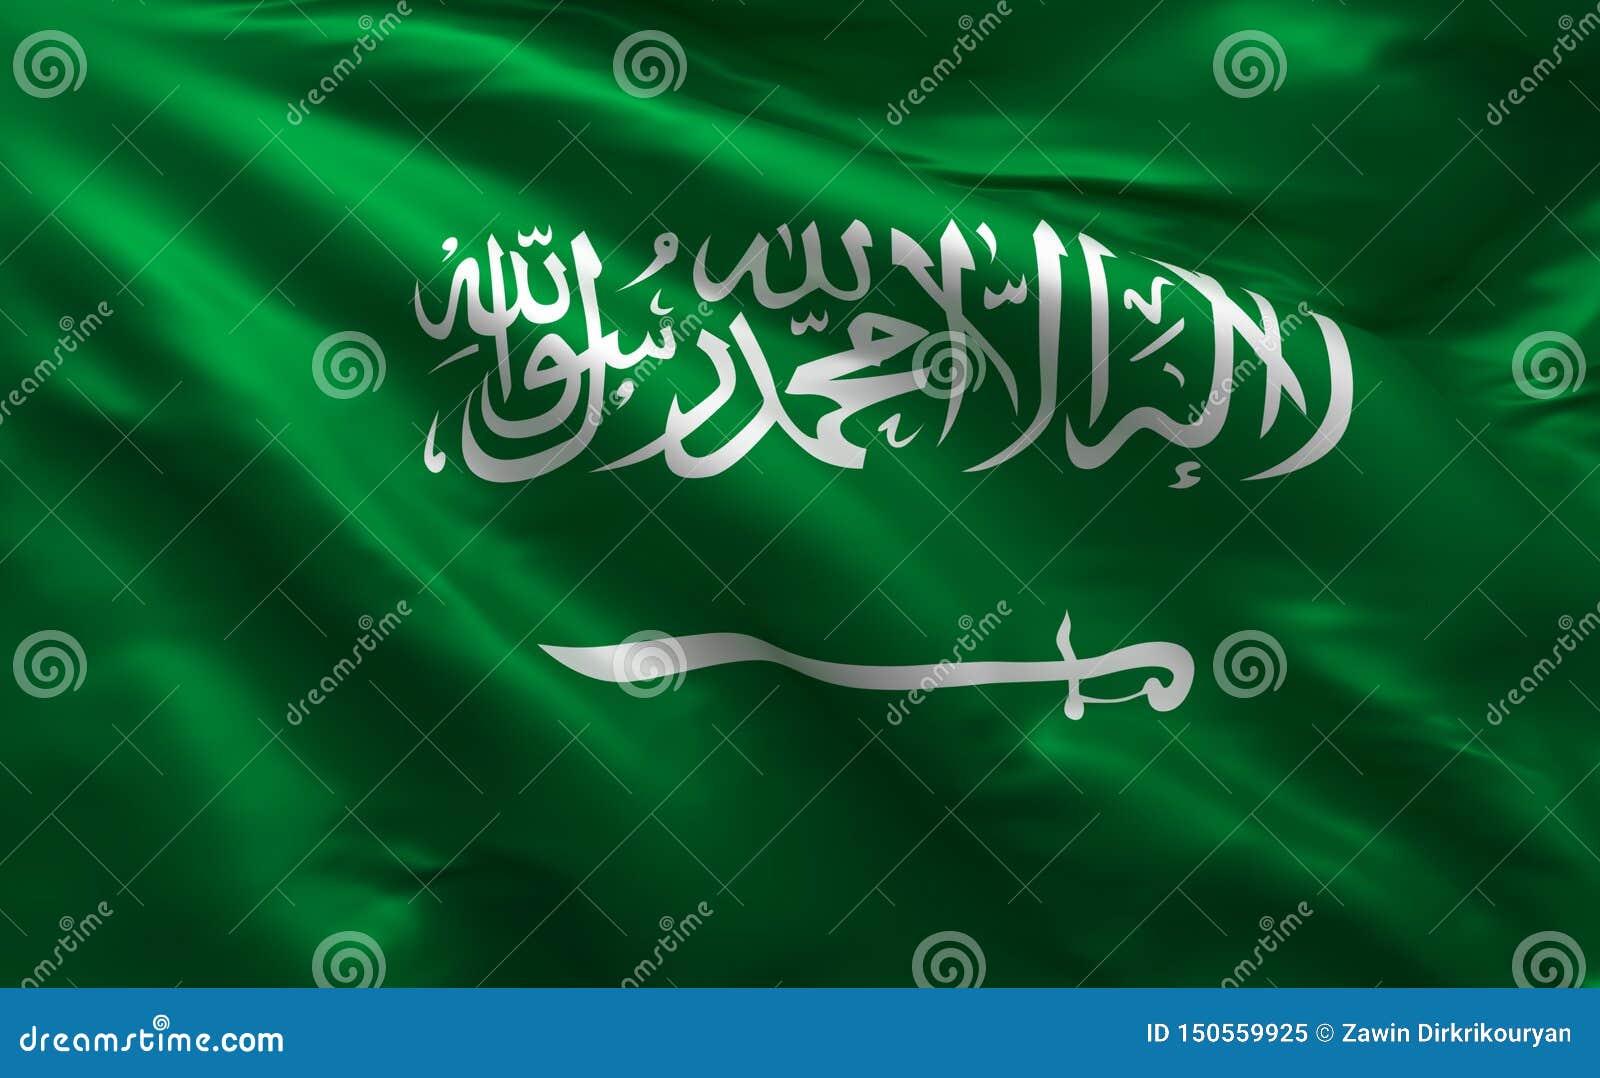 Σημαία της Σαουδικής Αραβίας, σαουδικό υλικό υπόβαθρο μεταξιού, τρισδιάστατη απόδοση